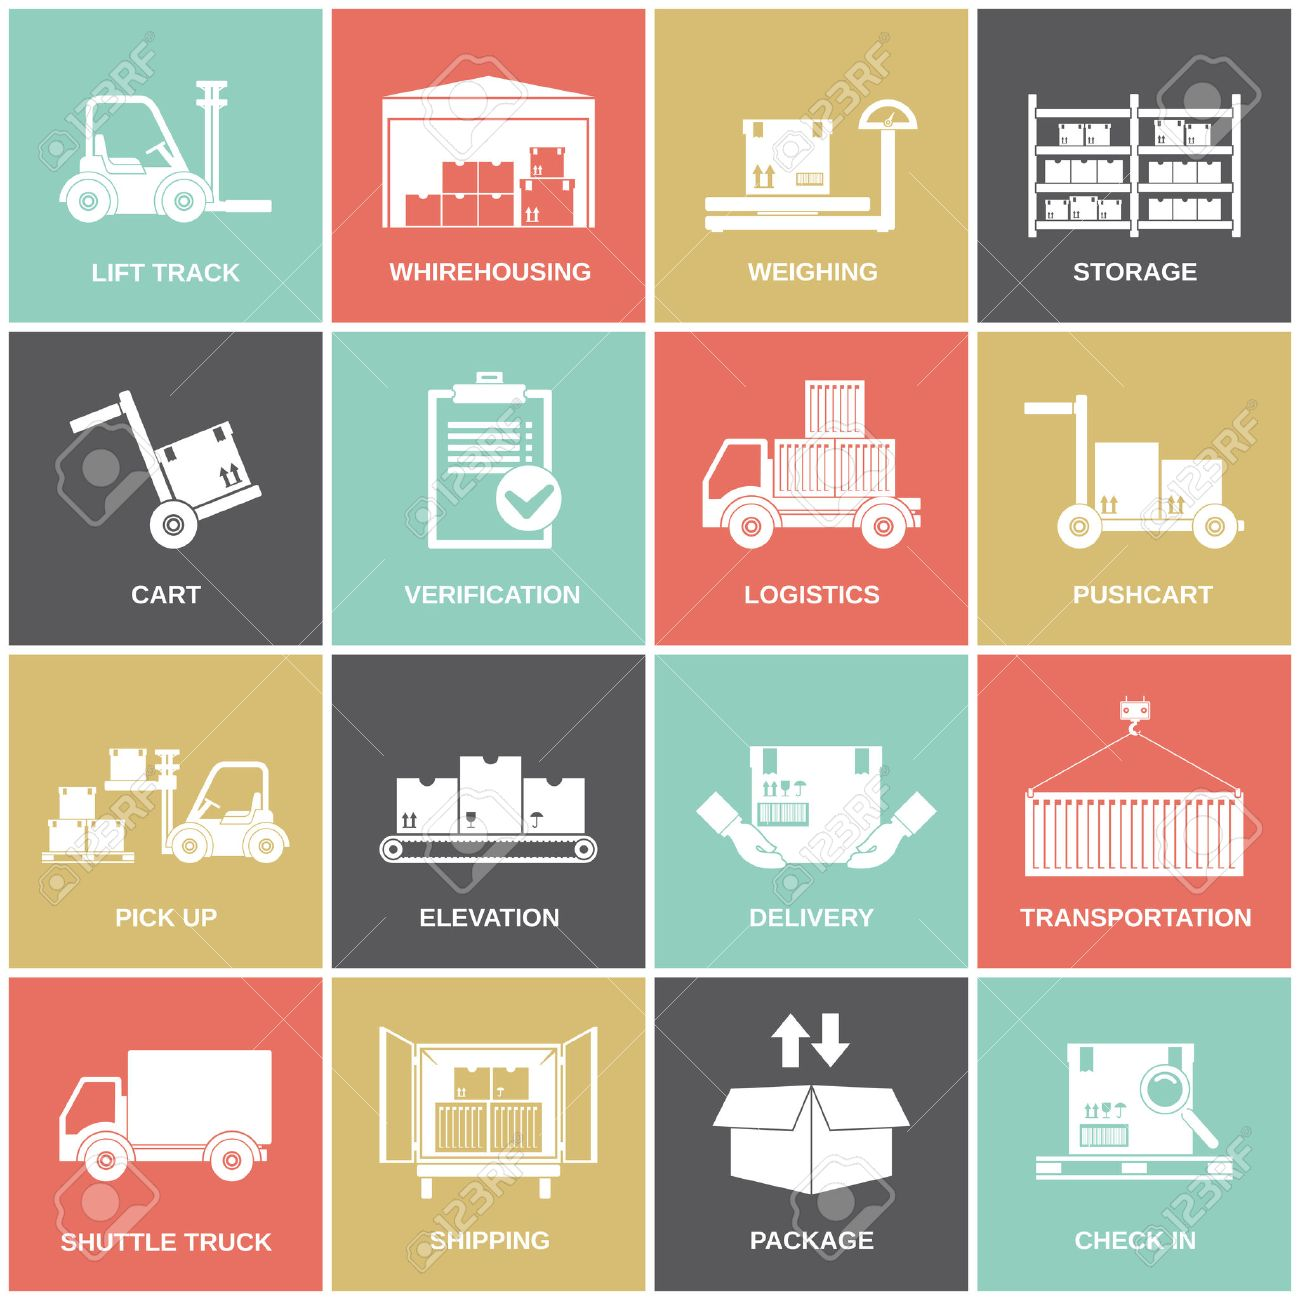 Warehouse icons flat set of storage cart verification isolated vector illustration - 32133993